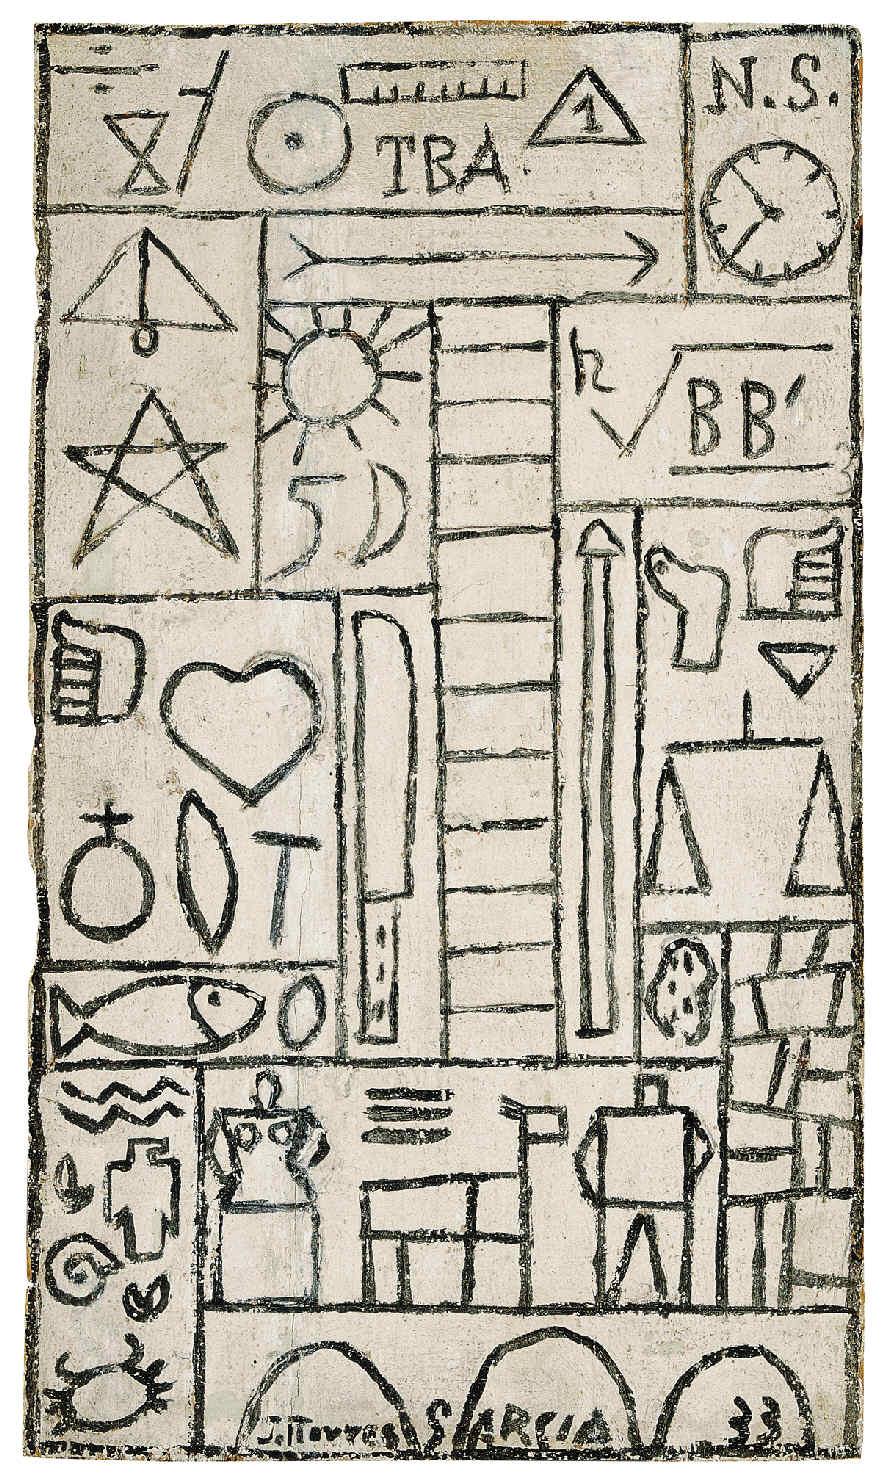 """Joaquín Torres-García. Constructivo en blanco y negro """"TBA"""". 1933. Óleo sobre madera. Colección Telefónica. © Sucesión Joaquín Torres-García, Montevideo 2016"""